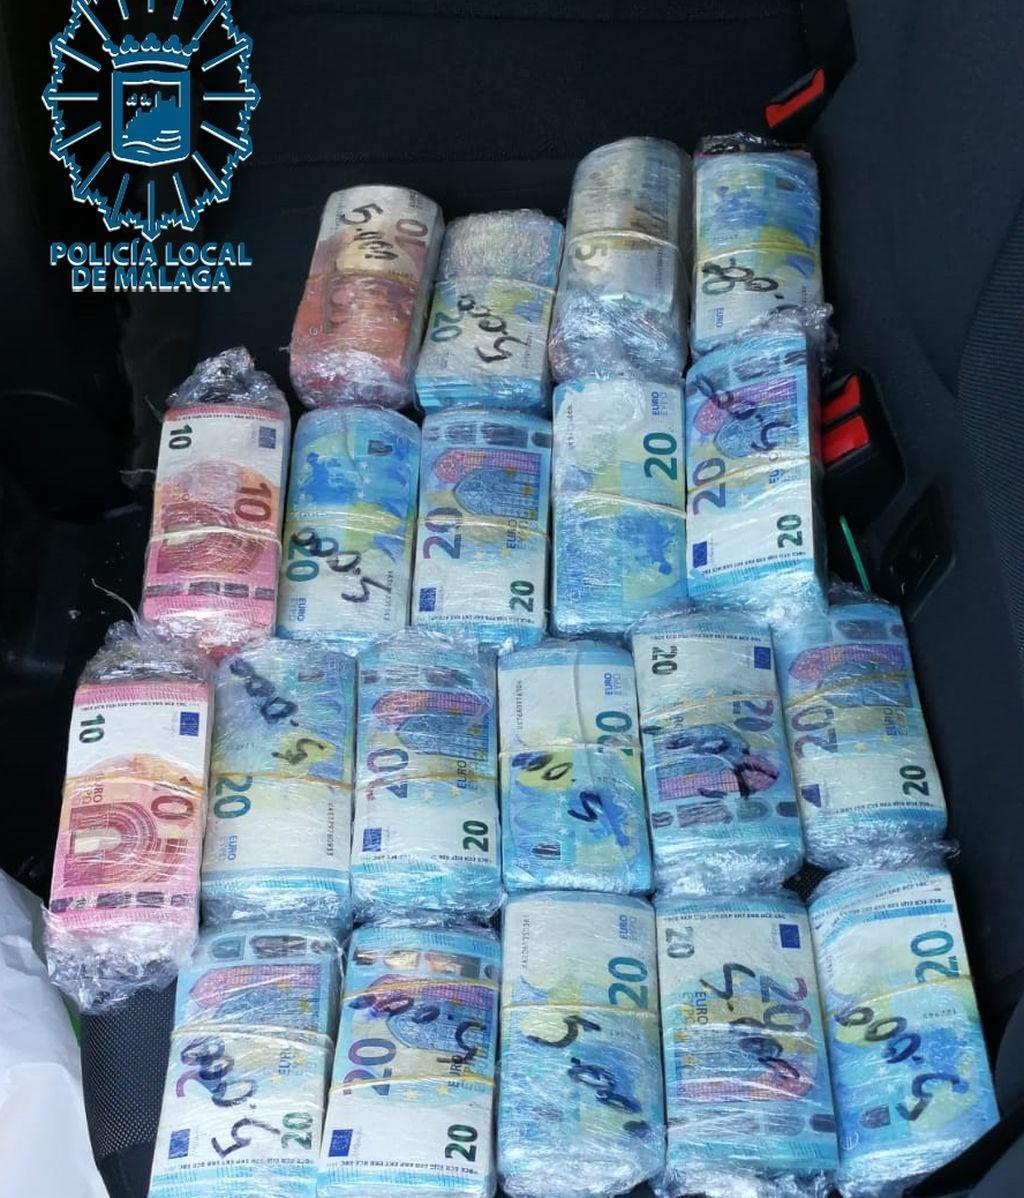 La Policía de Málaga localiza e interviene tres teléfonos móviles y casi 100.000 euros en un coche robado